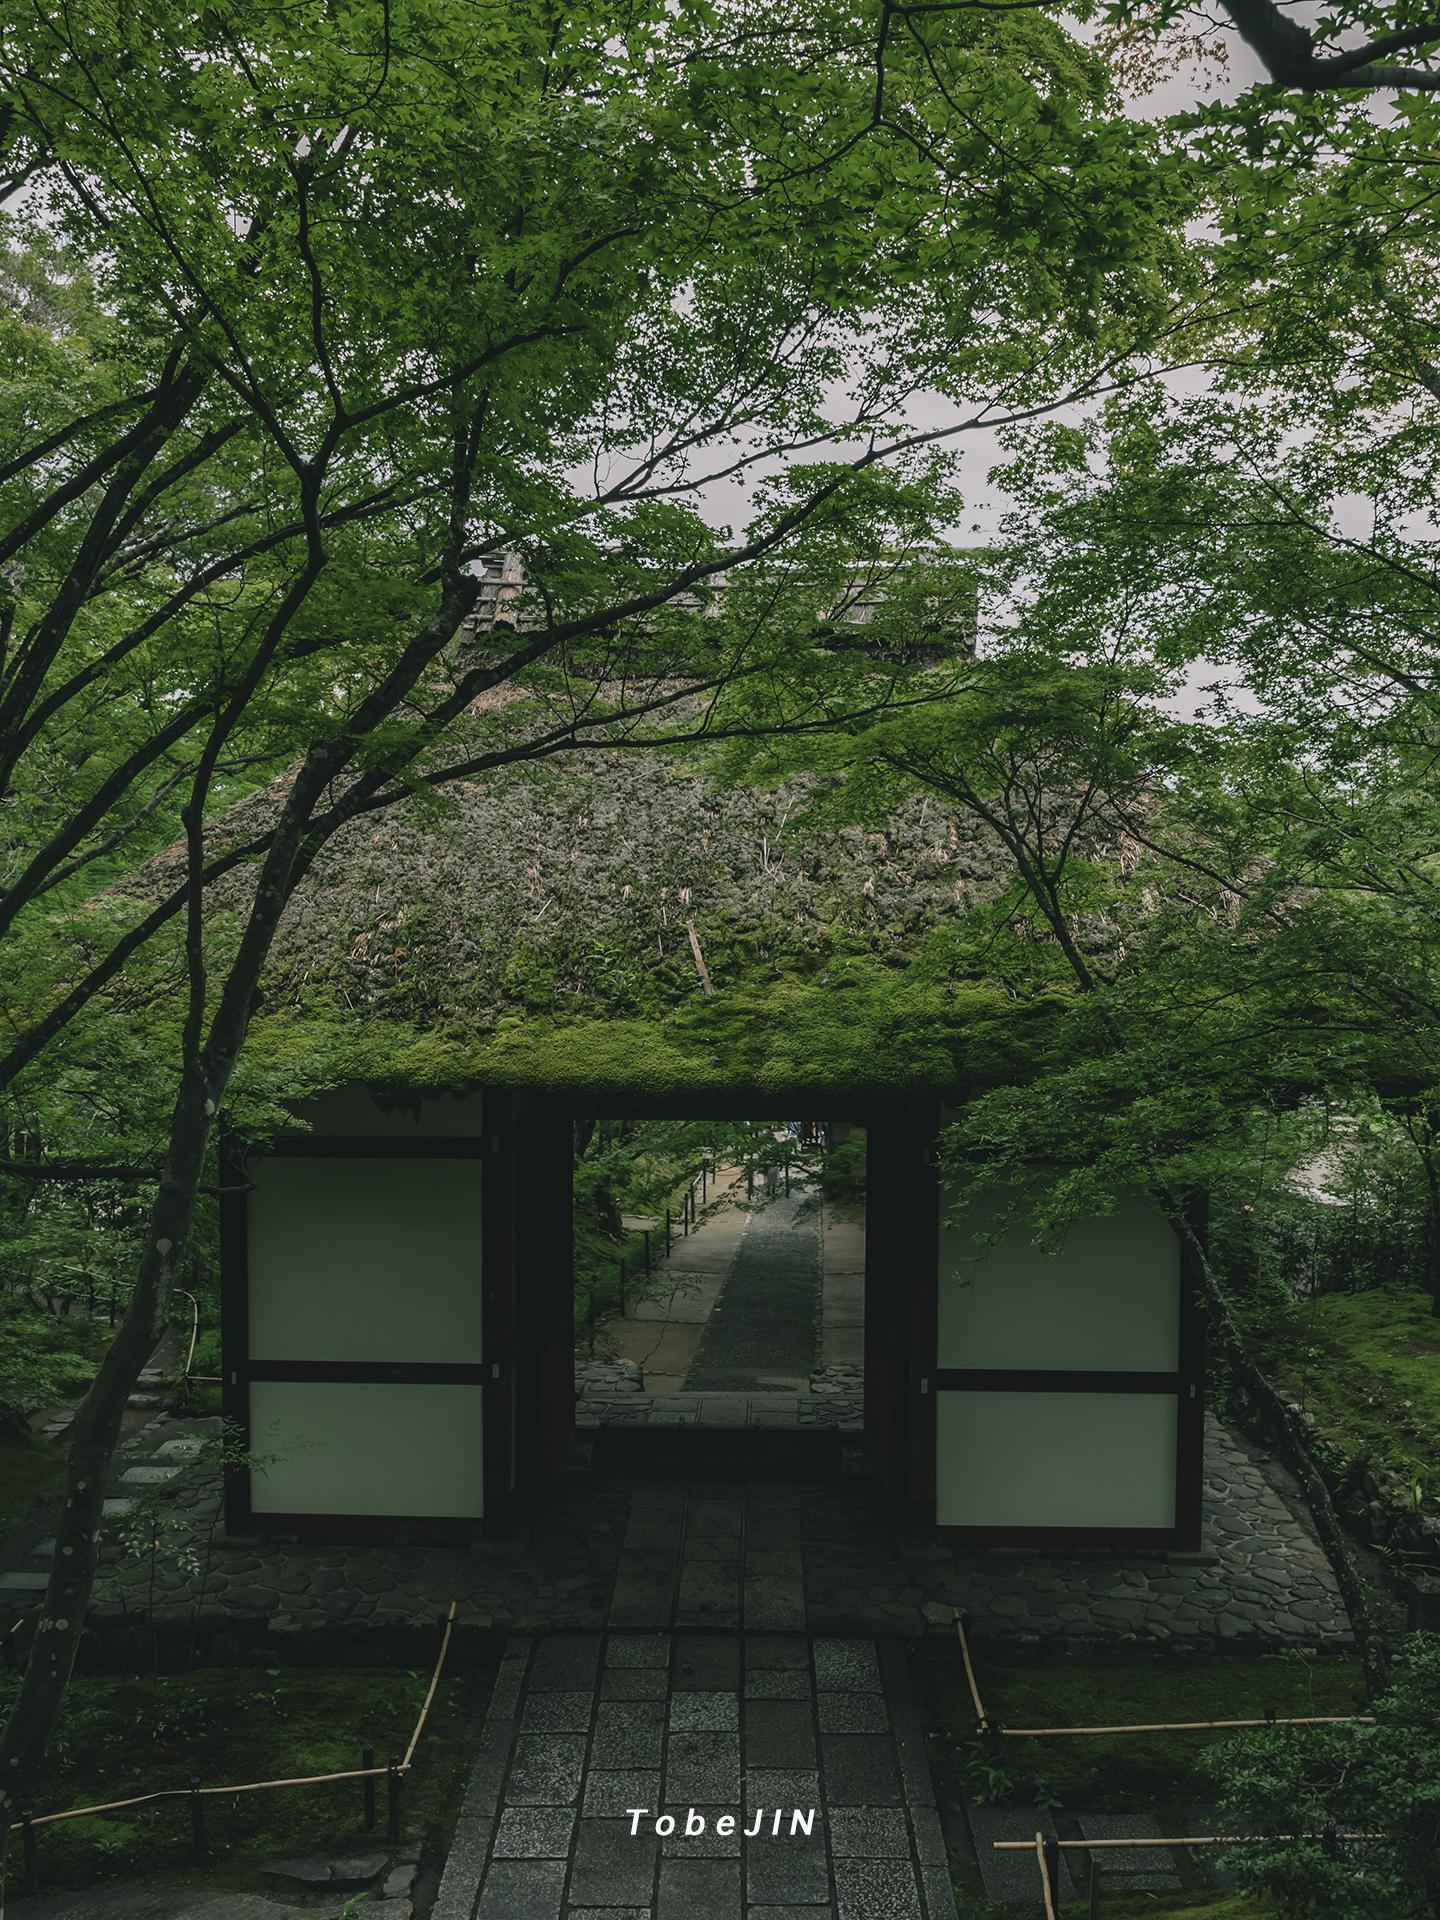 京都的常寂光寺,一座简朴的寺院